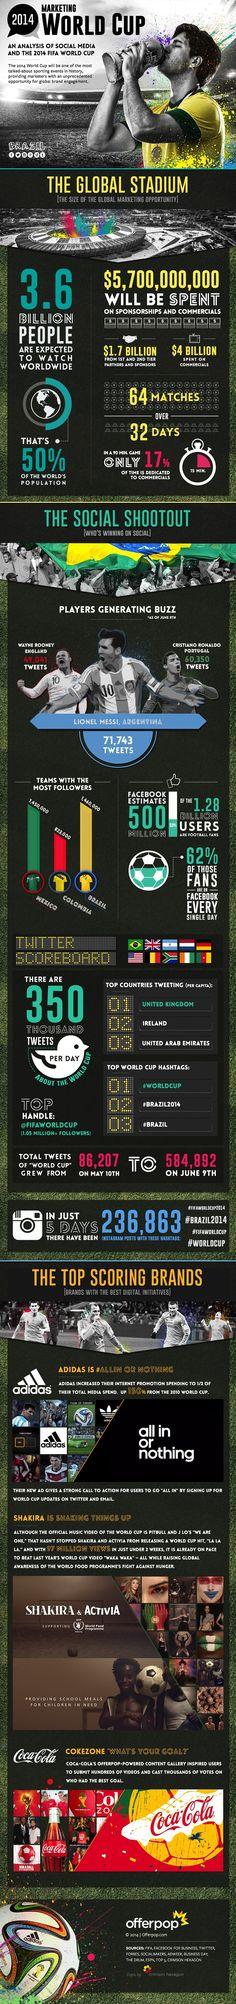 Interasantes estadisticas del mundial y social media